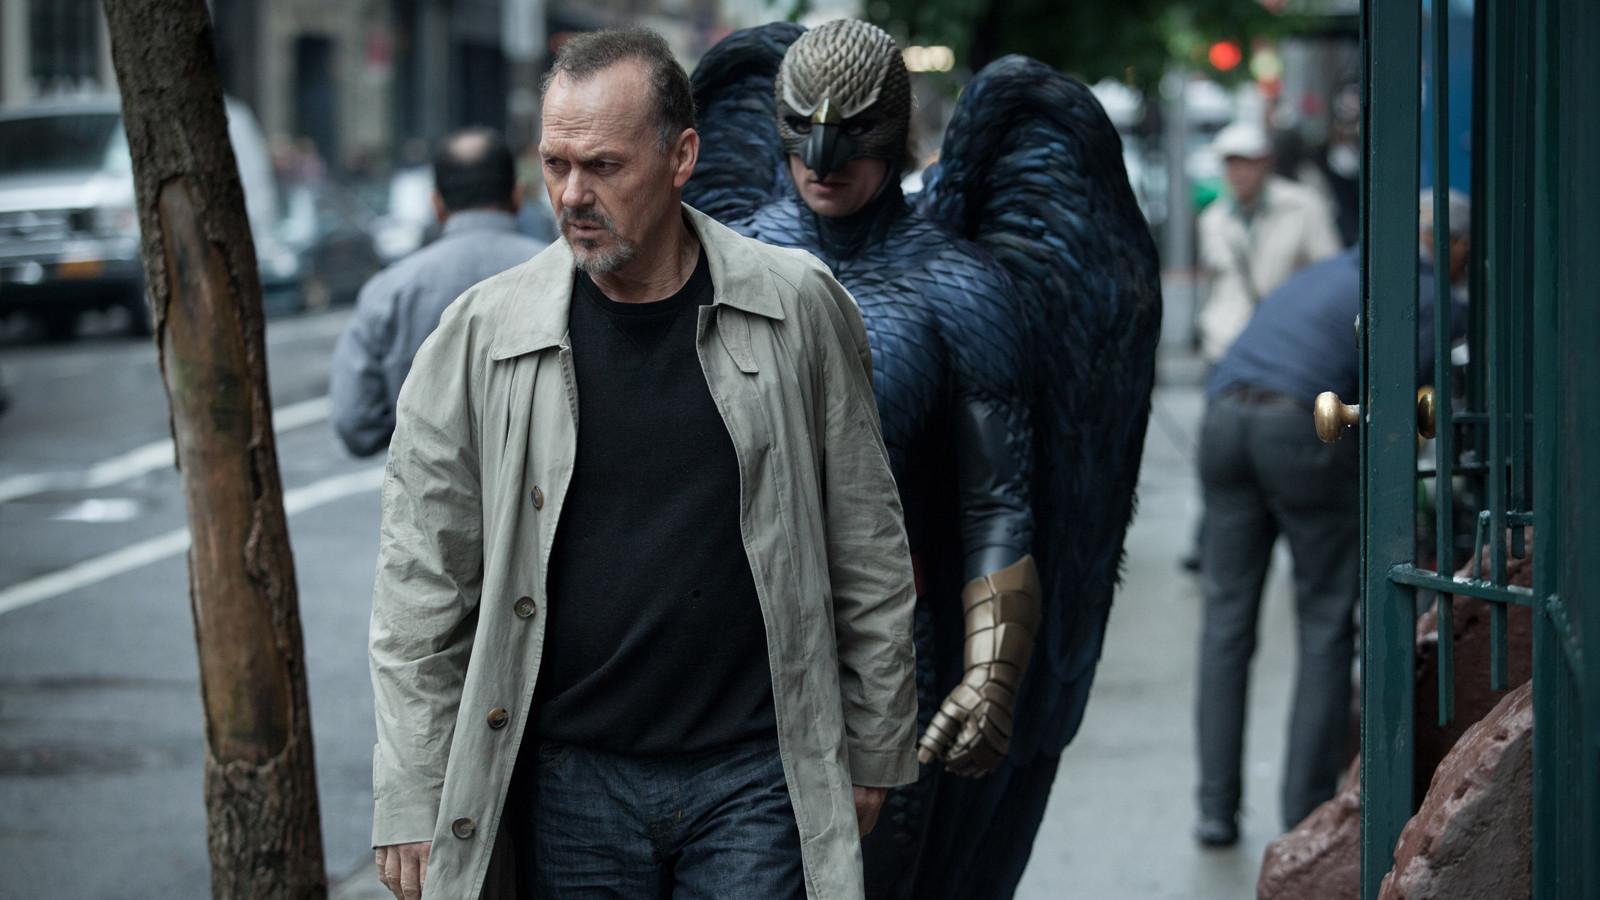 فیلم Birdman اثری گذراست که ادعای بزرگیاش با فرمی که ارائه میدهد هم خوانی ندارد.